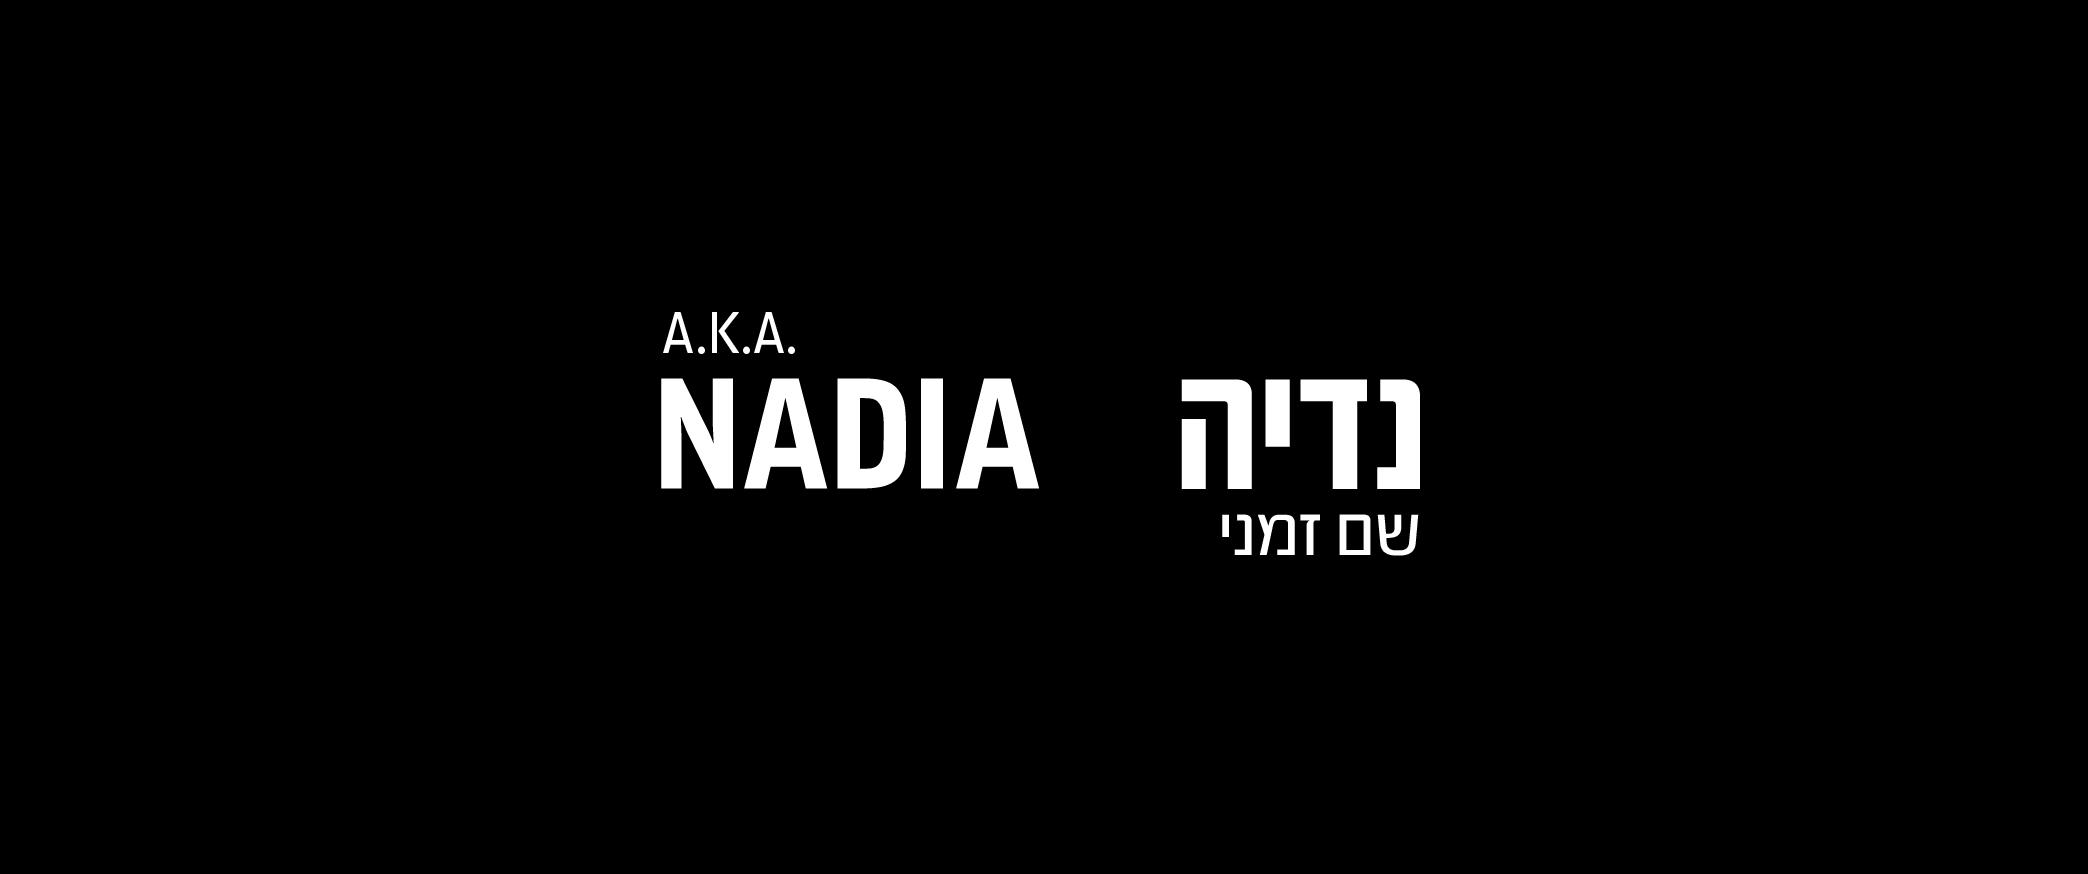 מתוך הסרט: נדיה שם זמני